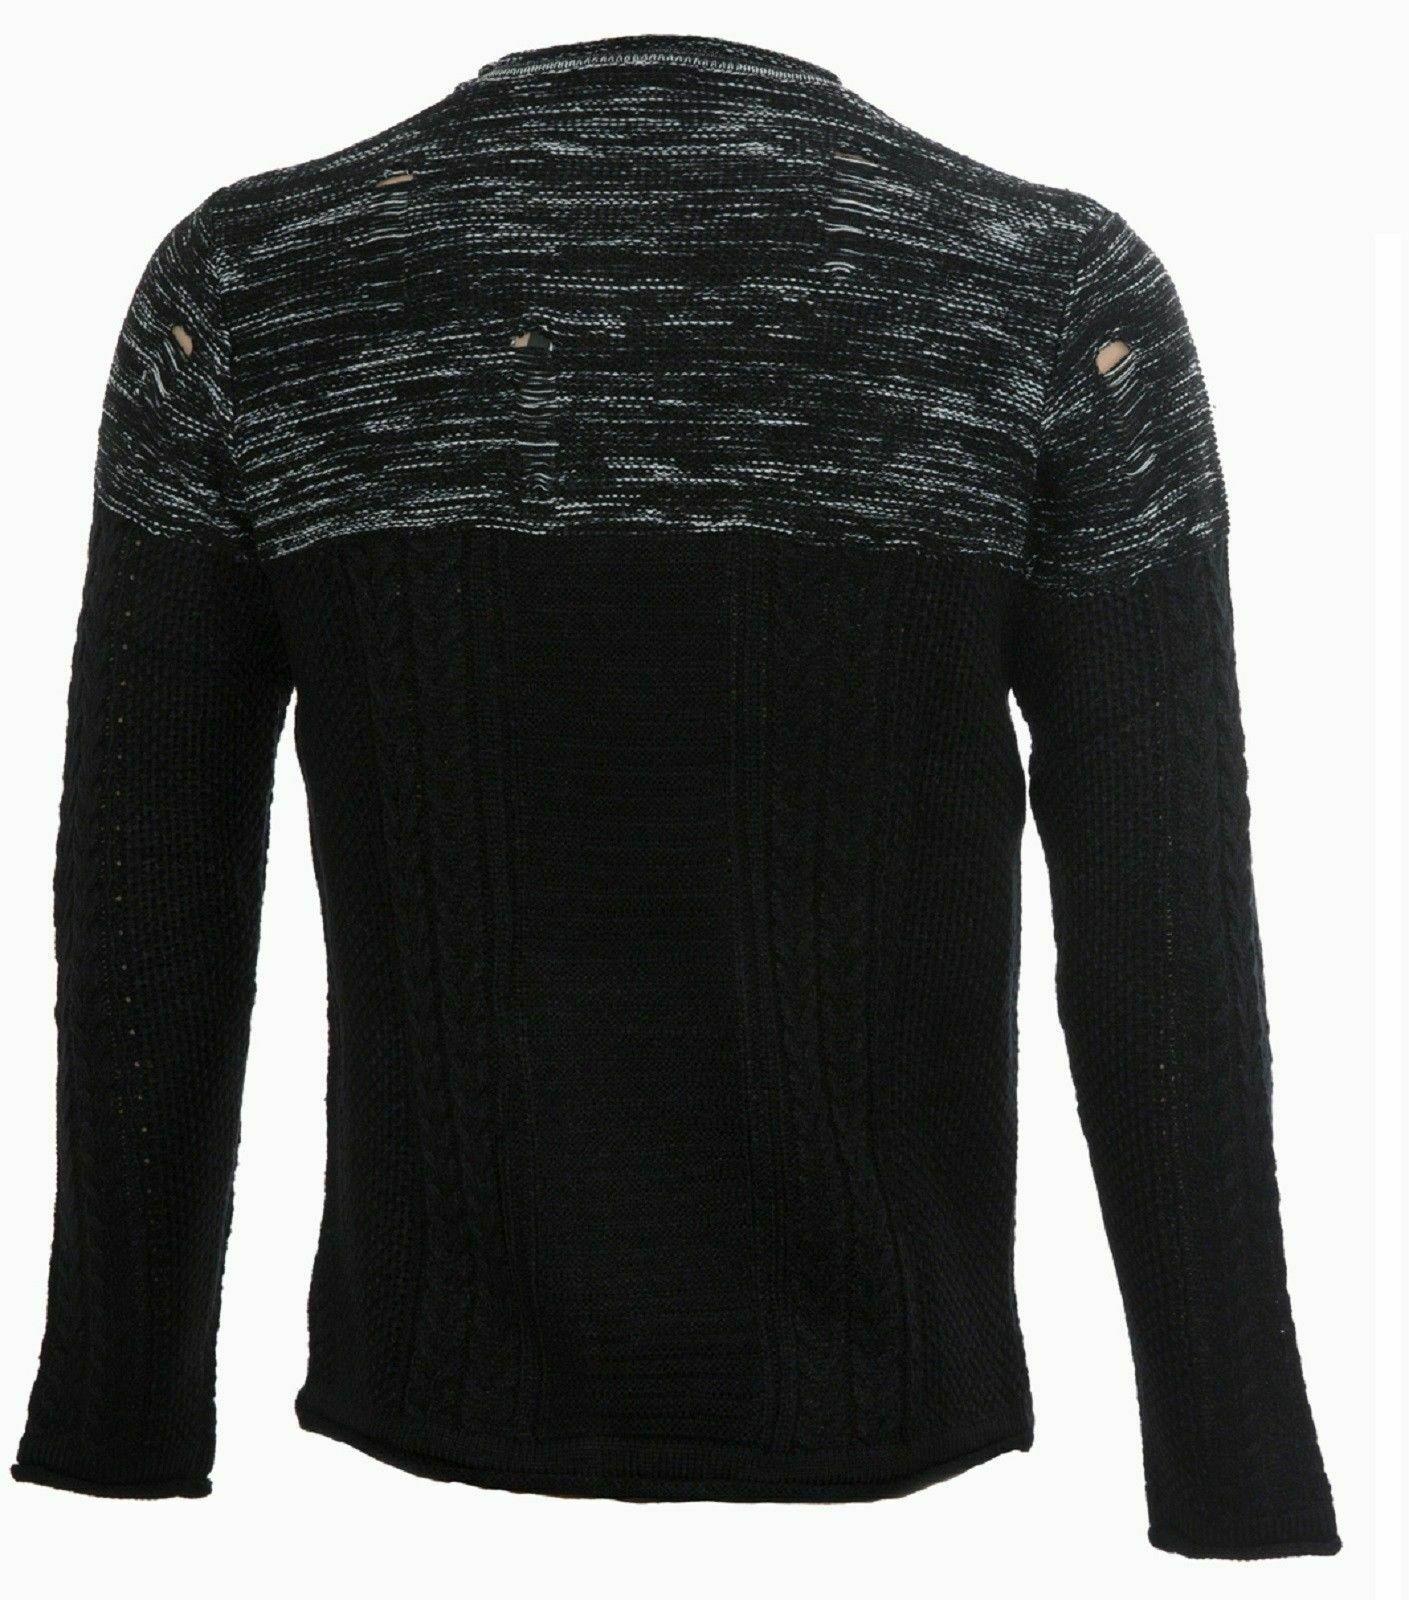 Maglione-uomo-Slim-Fit-Maglioncino-Invernale-Girocollo-Maglia-Cotone-Casual-Nero miniatura 14